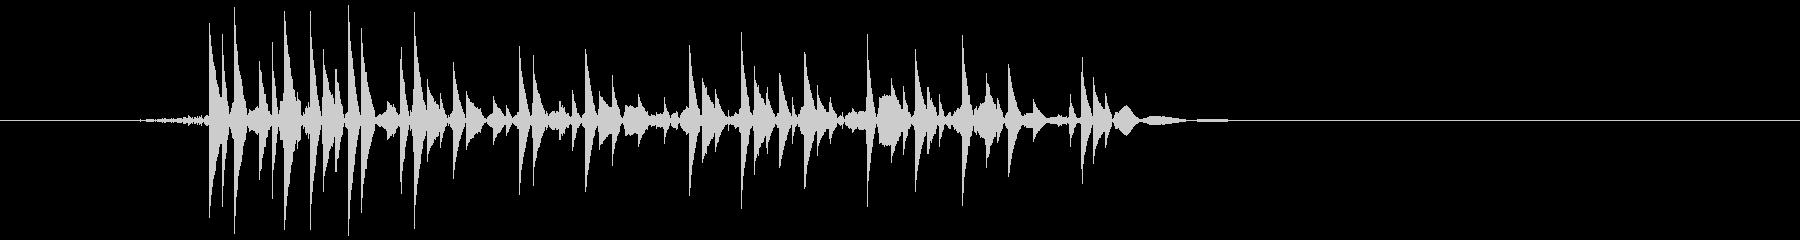 ゲーム(ファミコン風)爆発音_037の未再生の波形